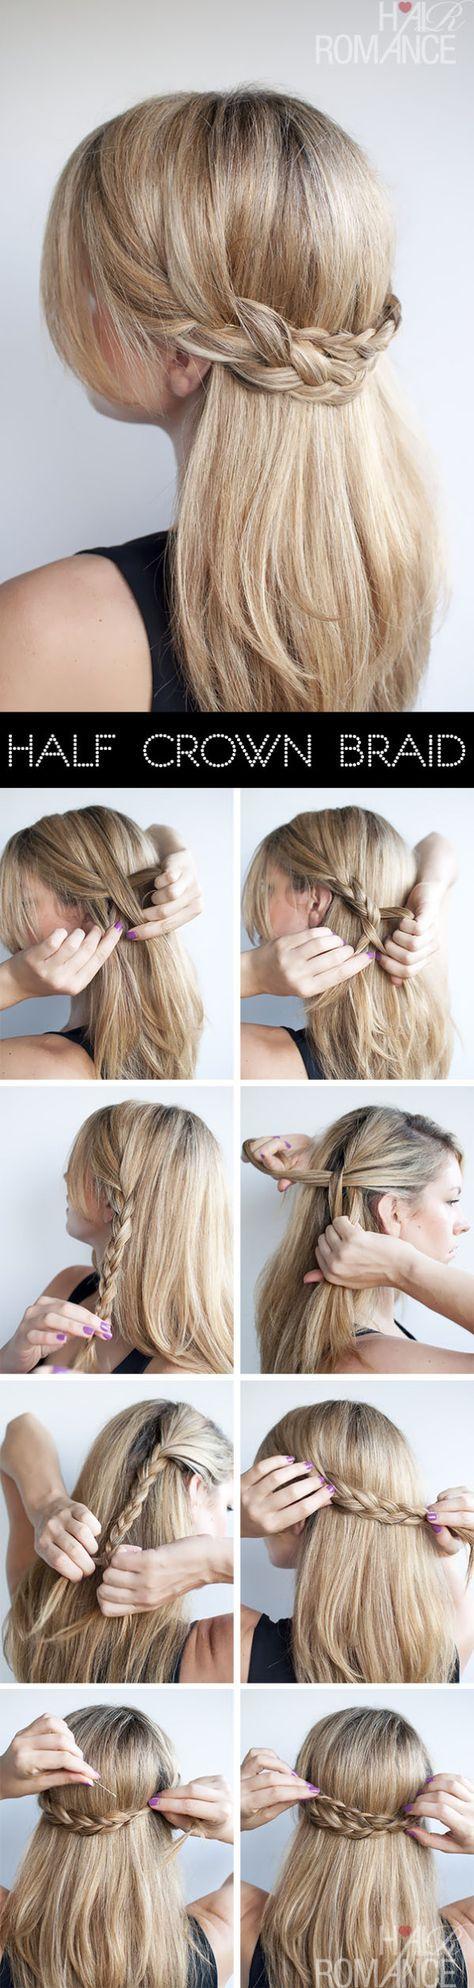 Trend tento týždeň v kategórii vlasy a kozmetika - fabryovam@azet.sk